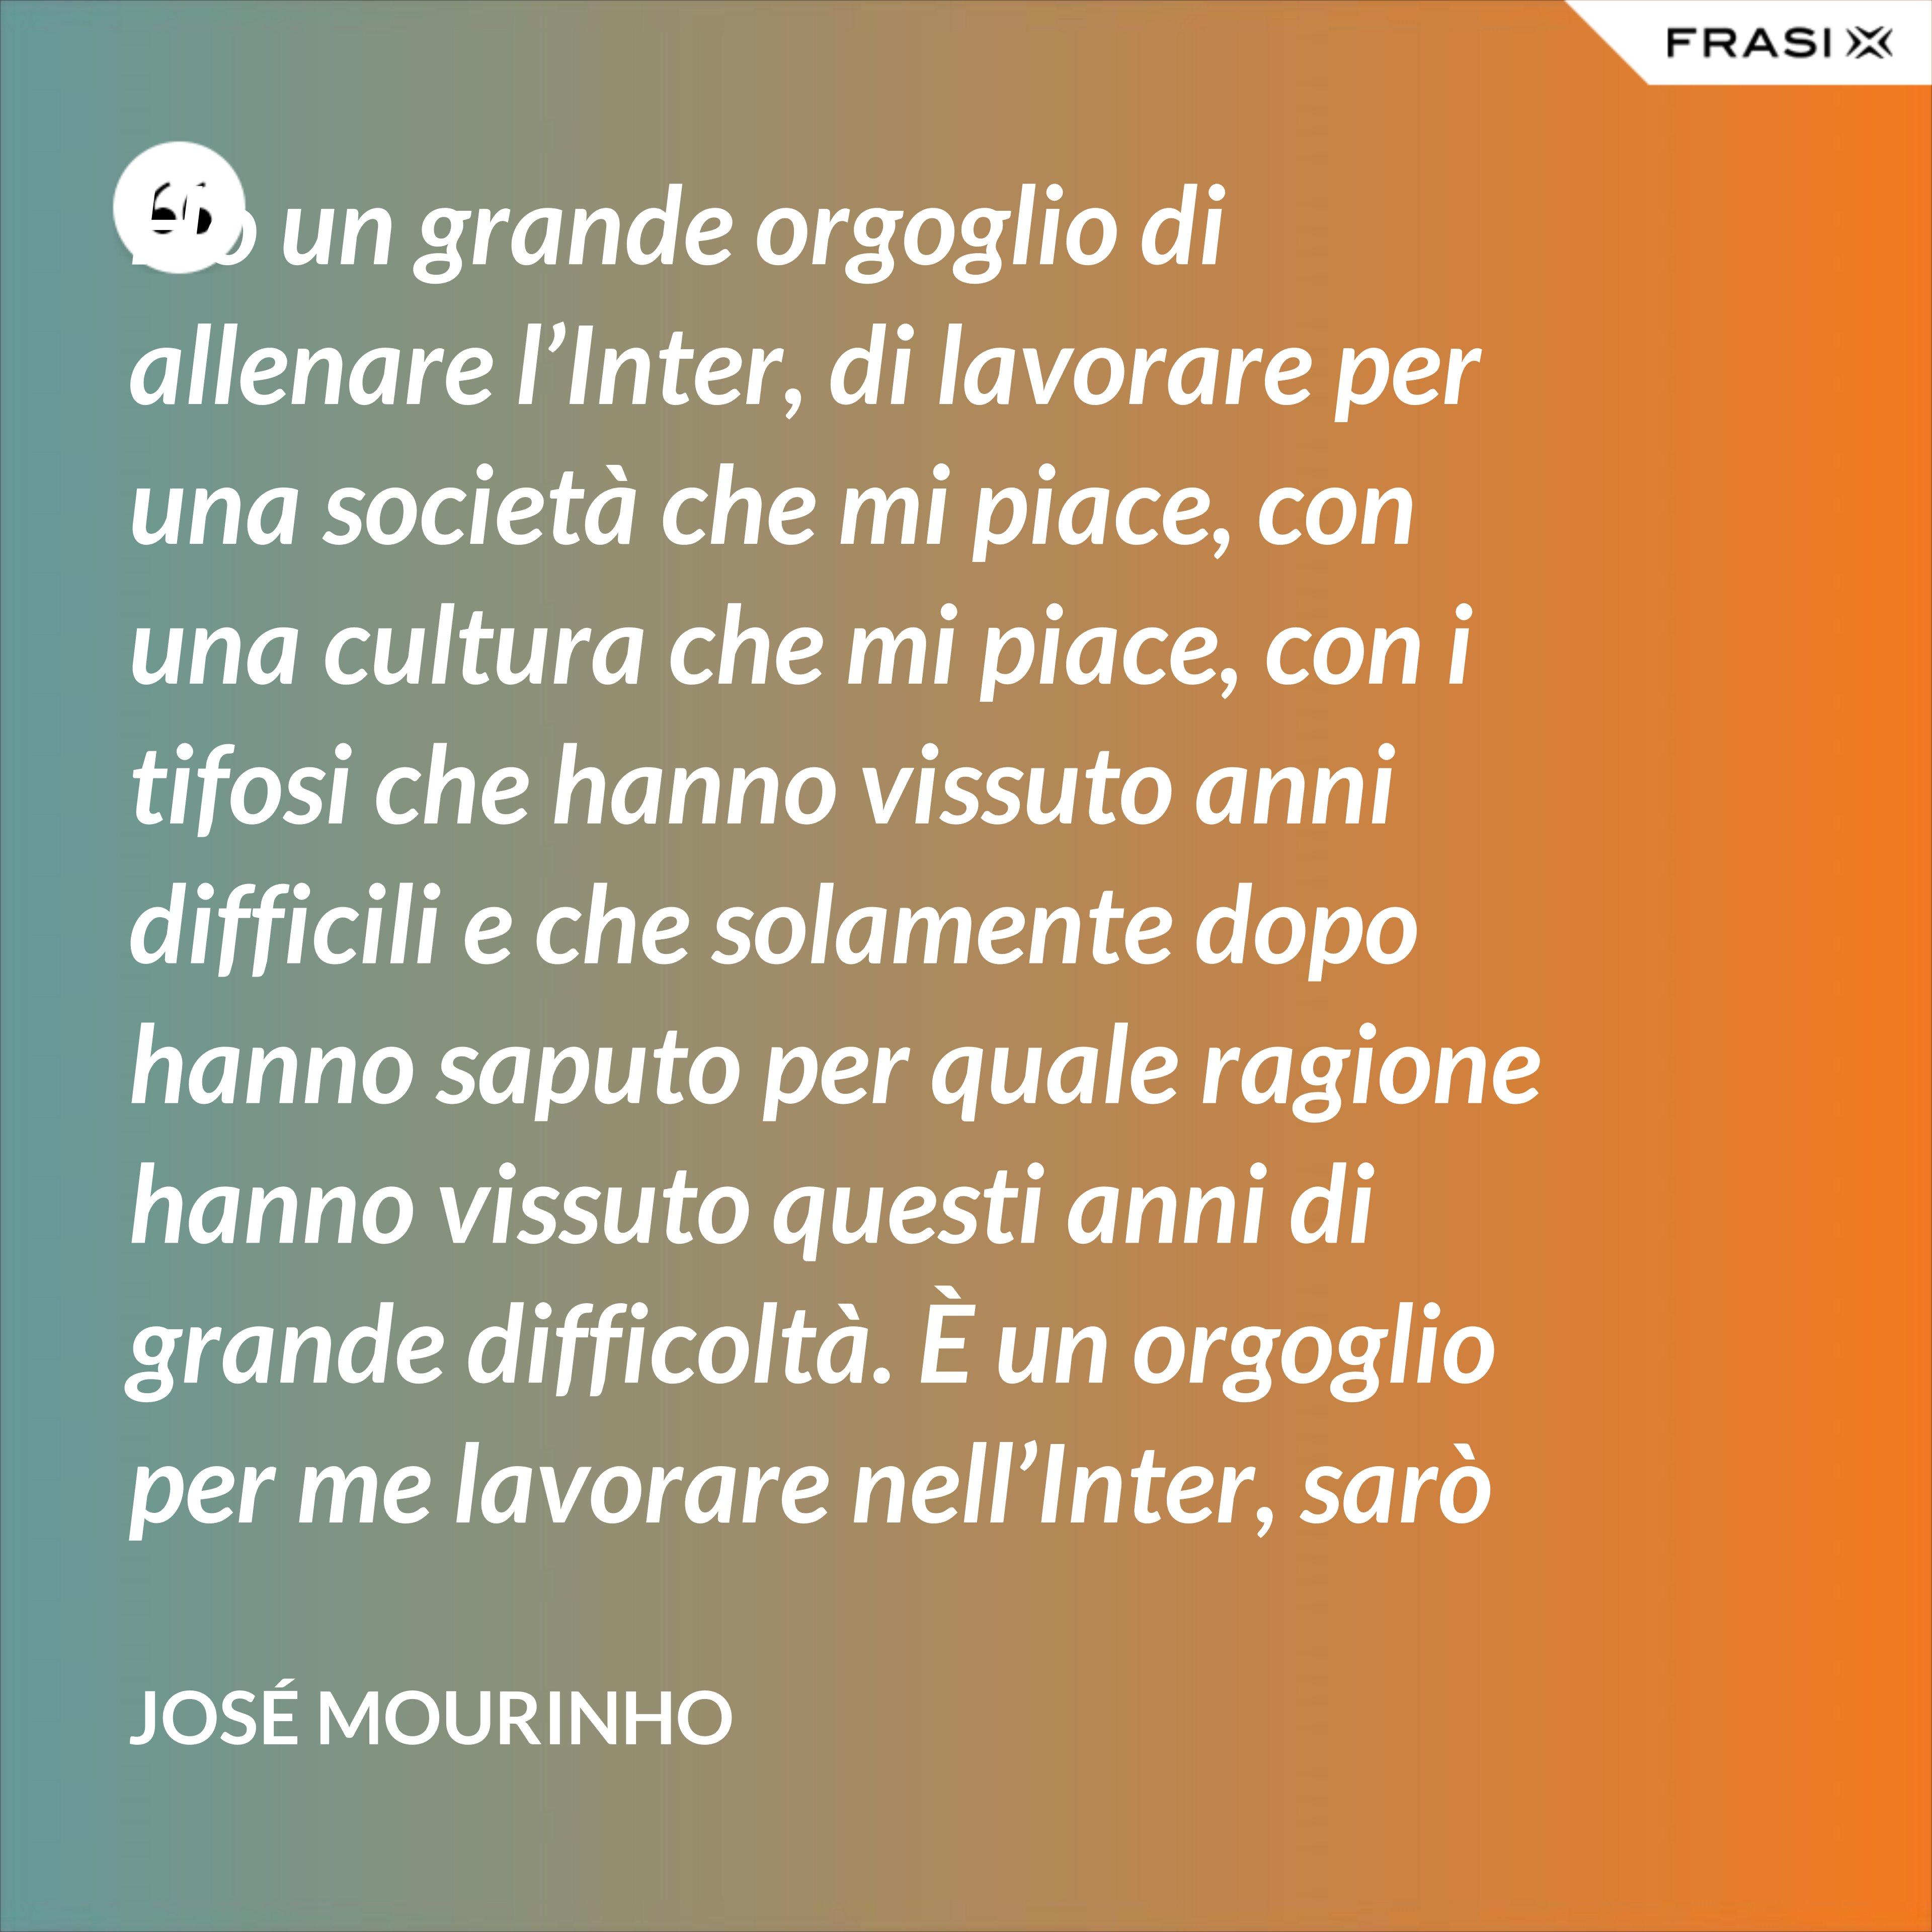 Ho un grande orgoglio di allenare l'Inter, di lavorare per una società che mi piace, con una cultura che mi piace, con i tifosi che hanno vissuto anni difficili e che solamente dopo hanno saputo per quale ragione hanno vissuto questi anni di grande difficoltà. È un orgoglio per me lavorare nell'Inter, sarò sempre molto felice un giorno di poter dire che sono stato l'allenatore dell'Inter. - José Mourinho